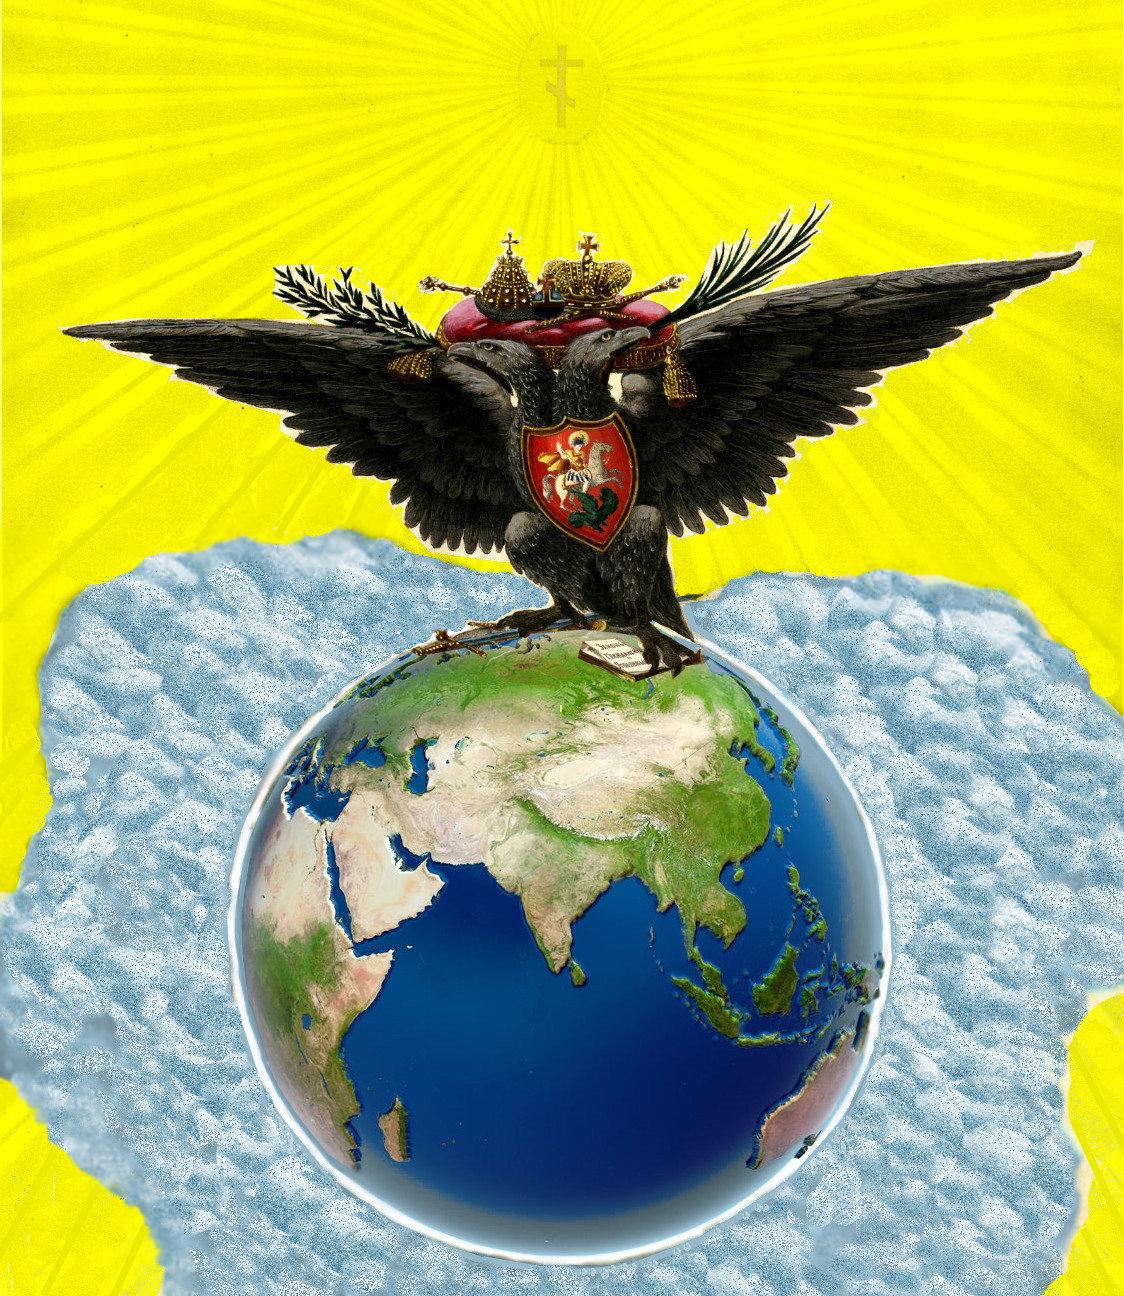 """""""Не верьте в худо. Верьте в Россию и Русских. Не забывайте ни на минуту, что Россия — это наша страна, и рано или поздно — но мы обязательно сделаем ее свободной, великой, богатой и счастливой"""".Имперский Двуглавый Орёл ещё расправит свои крылья.""""С наступающим вас новолетием!"""""""